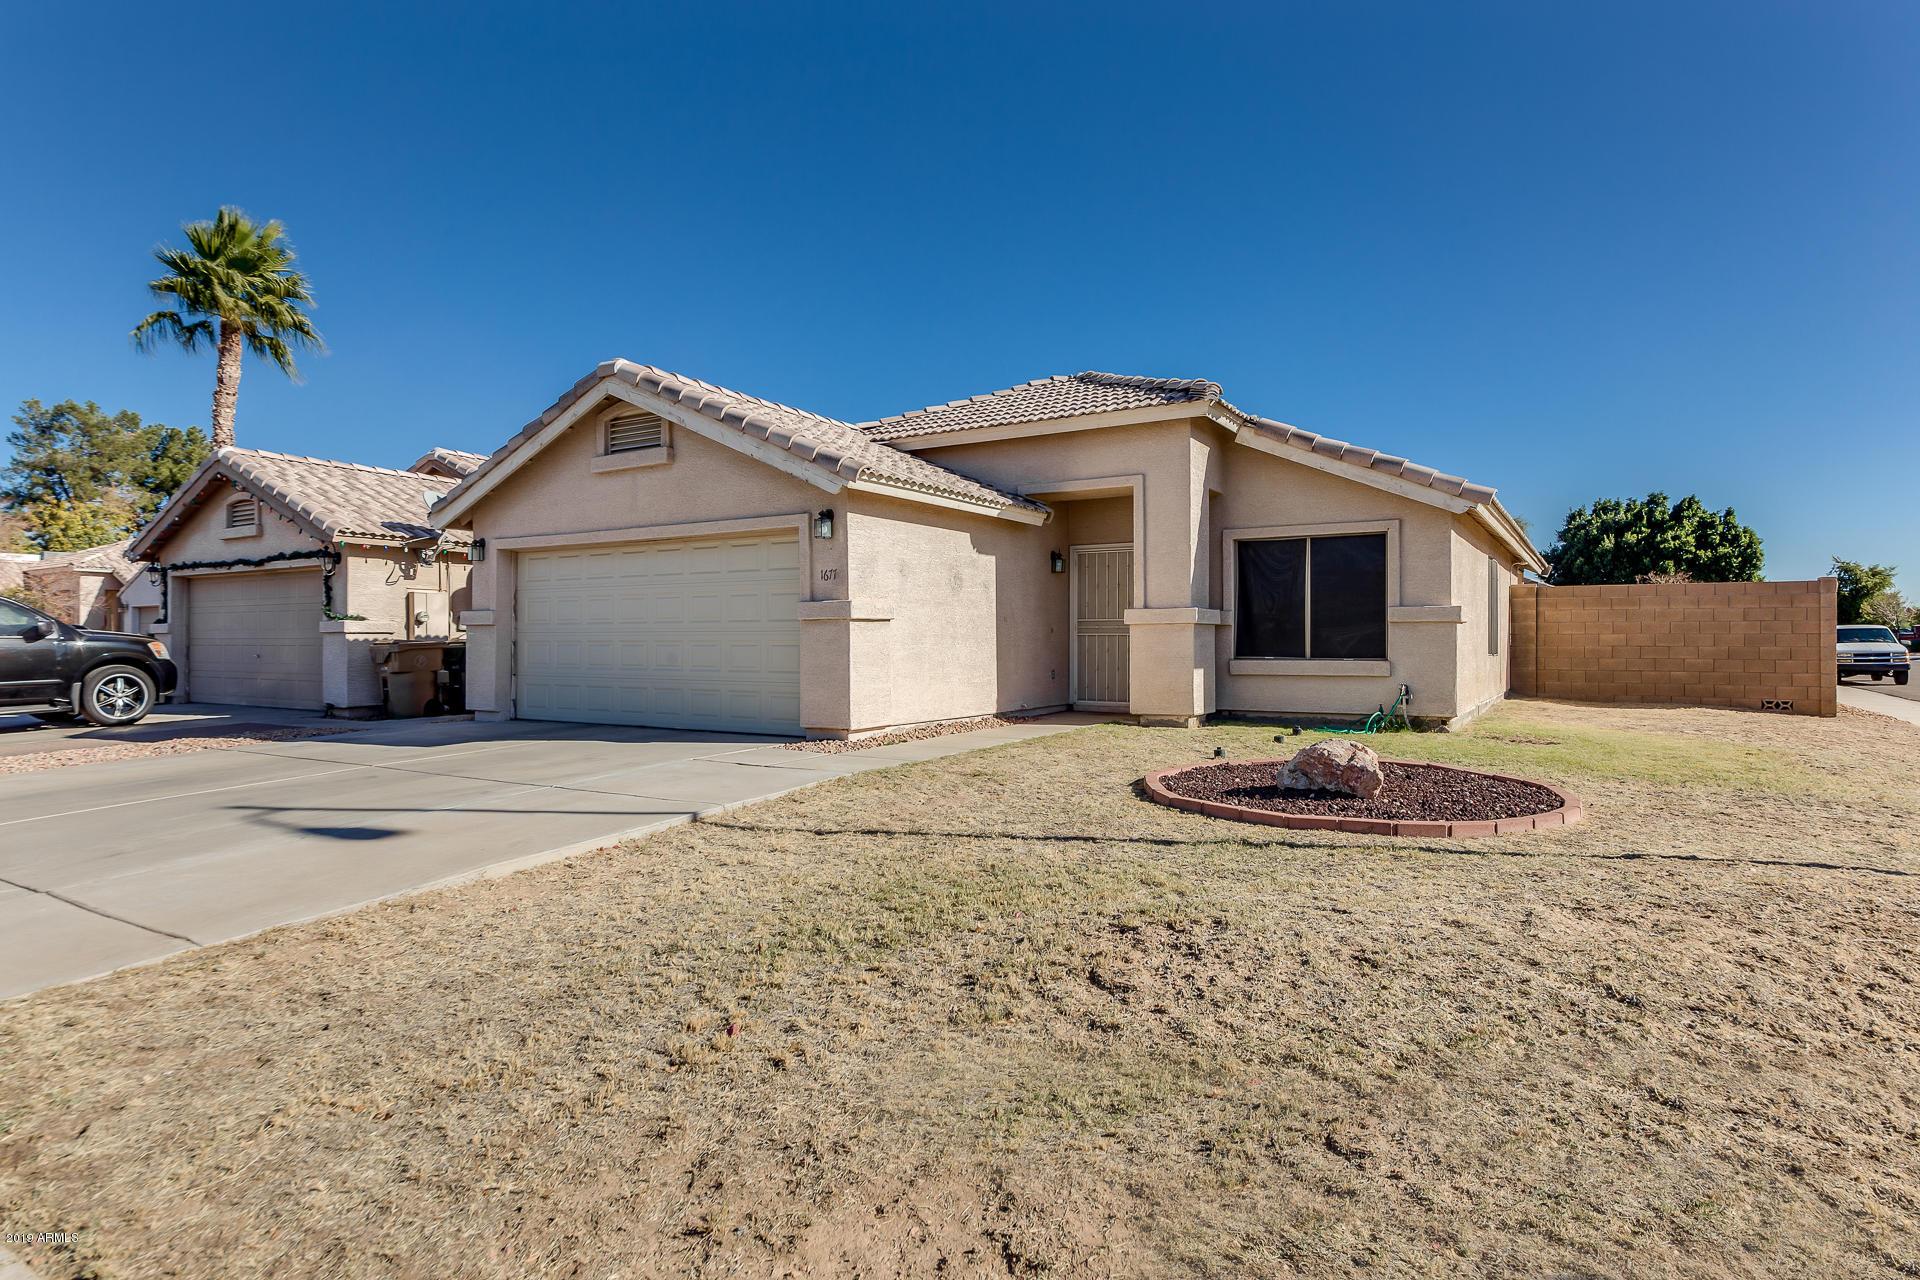 Photo of 1677 N LA MORA Drive, Goodyear, AZ 85338